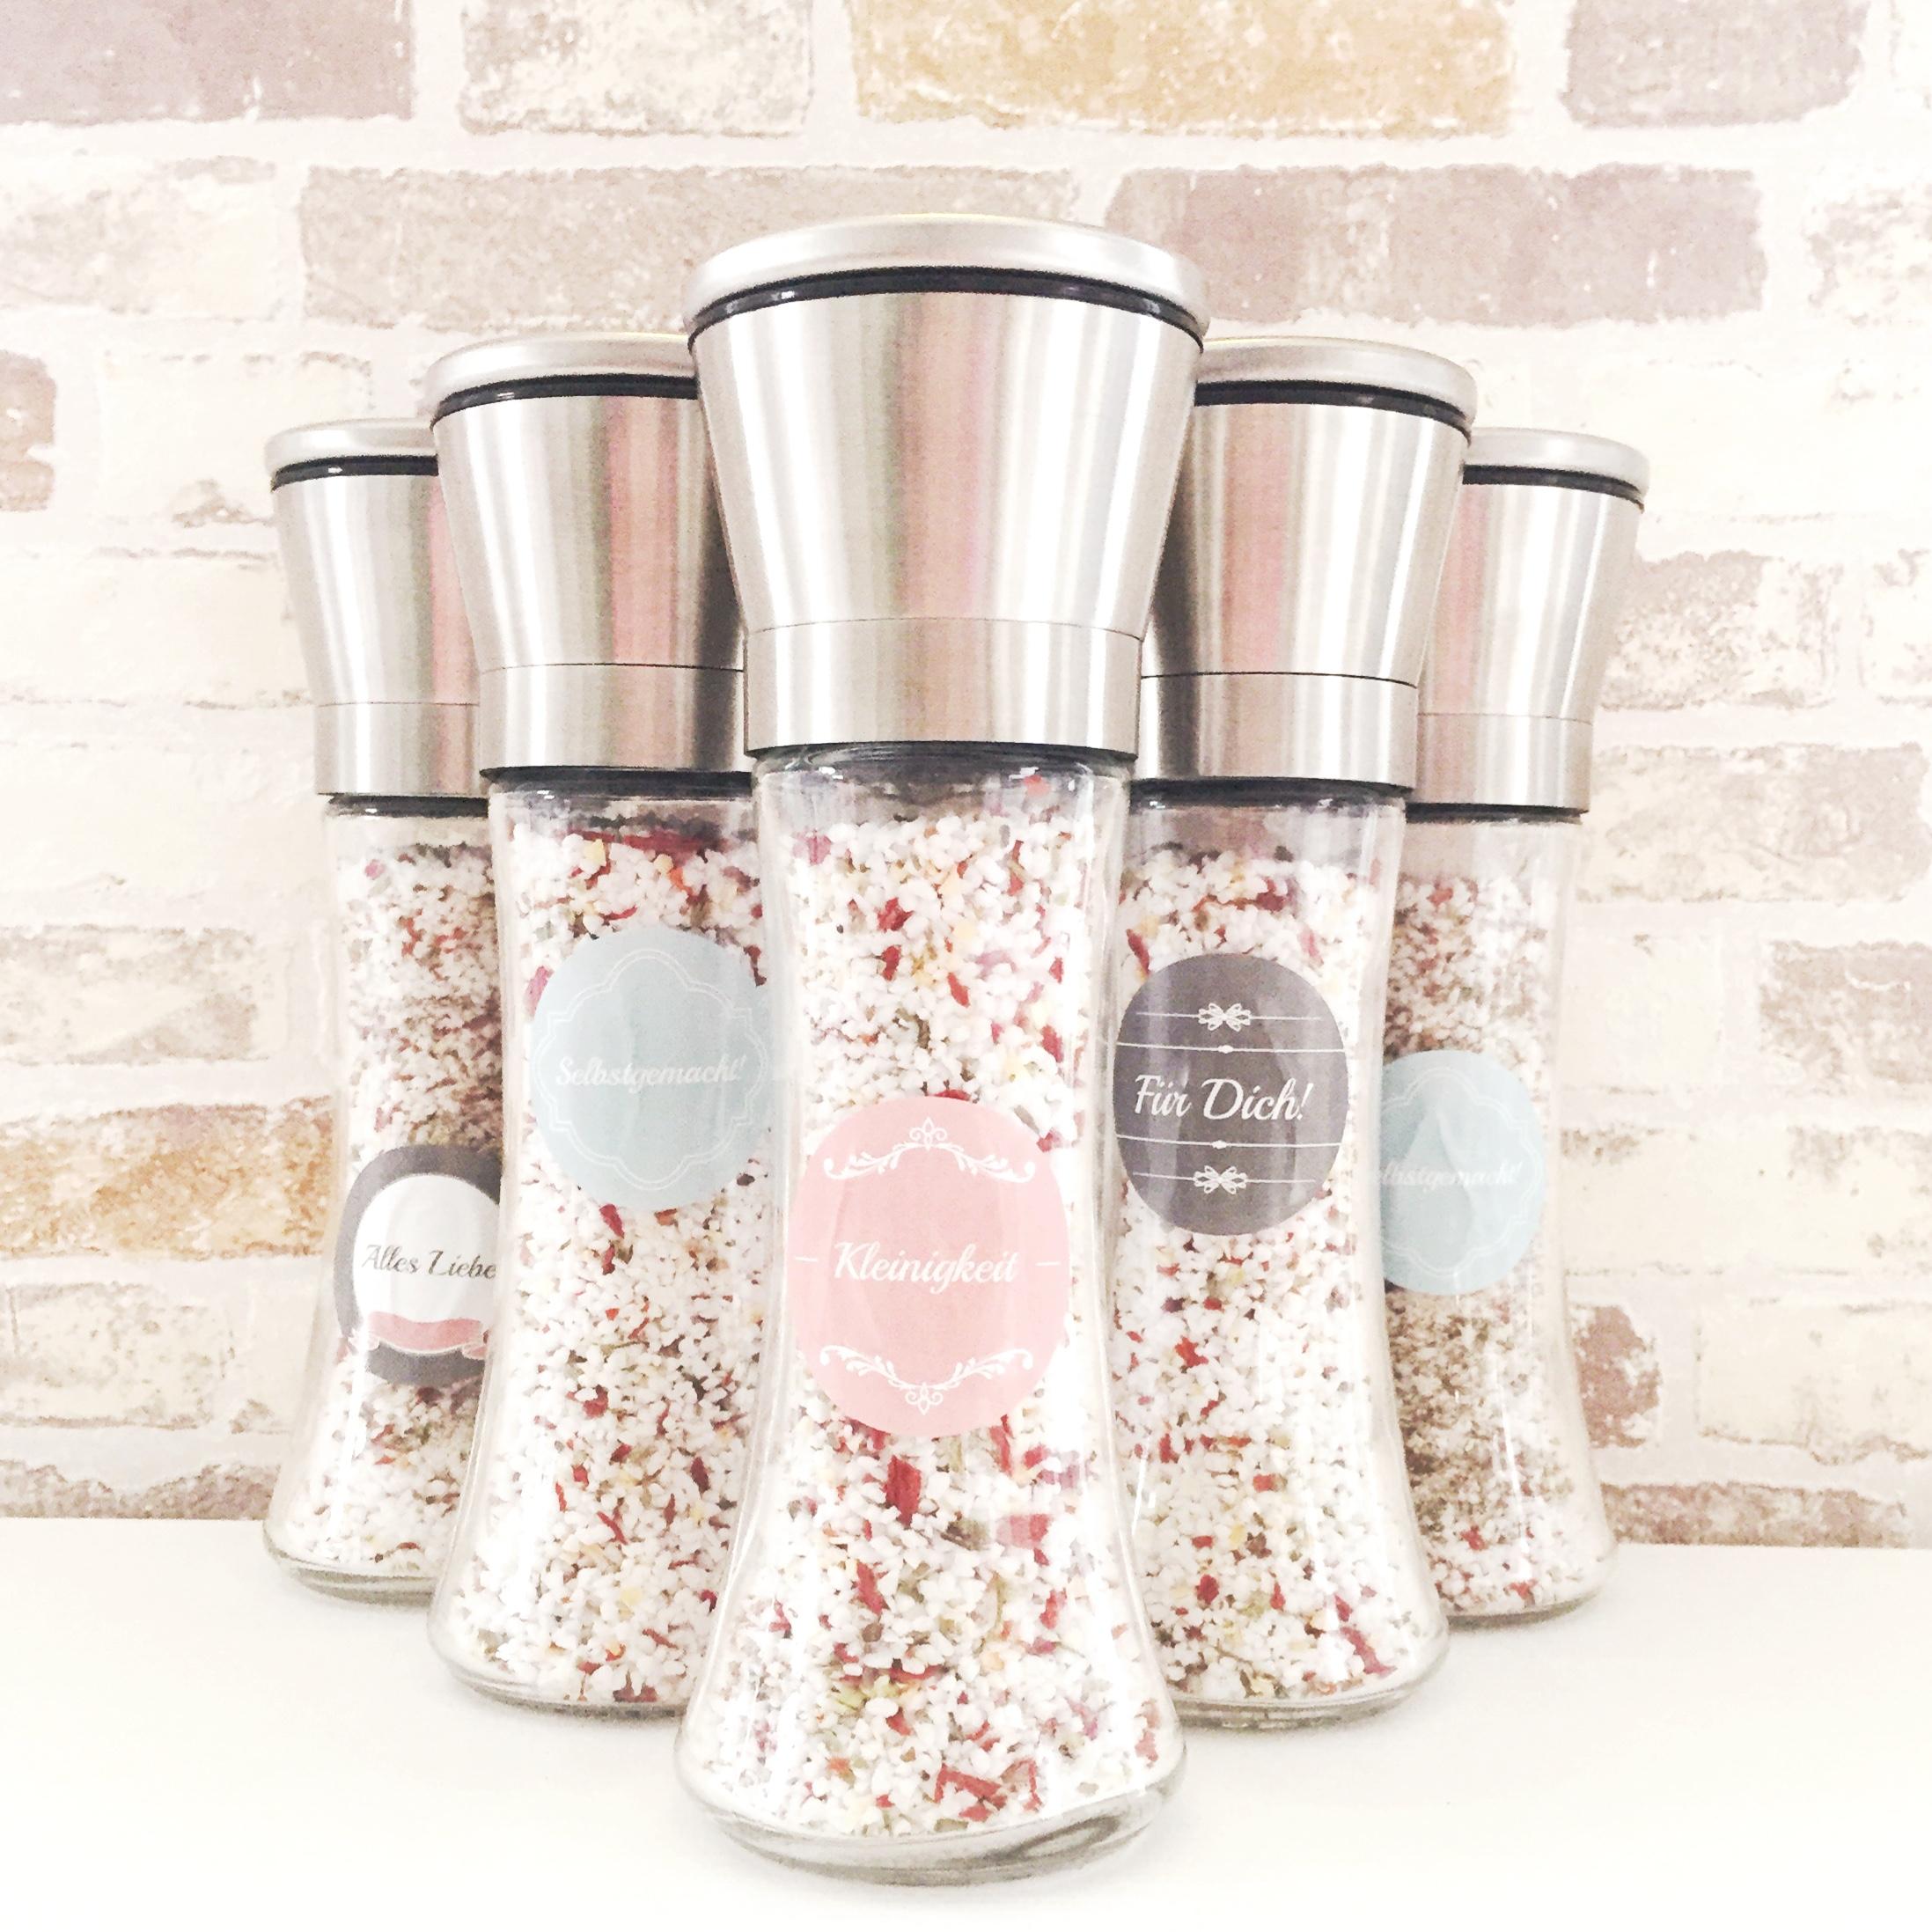 Weihnachten Last Minute Geschenk Idee Selbstgemachtes Kräuter Salz